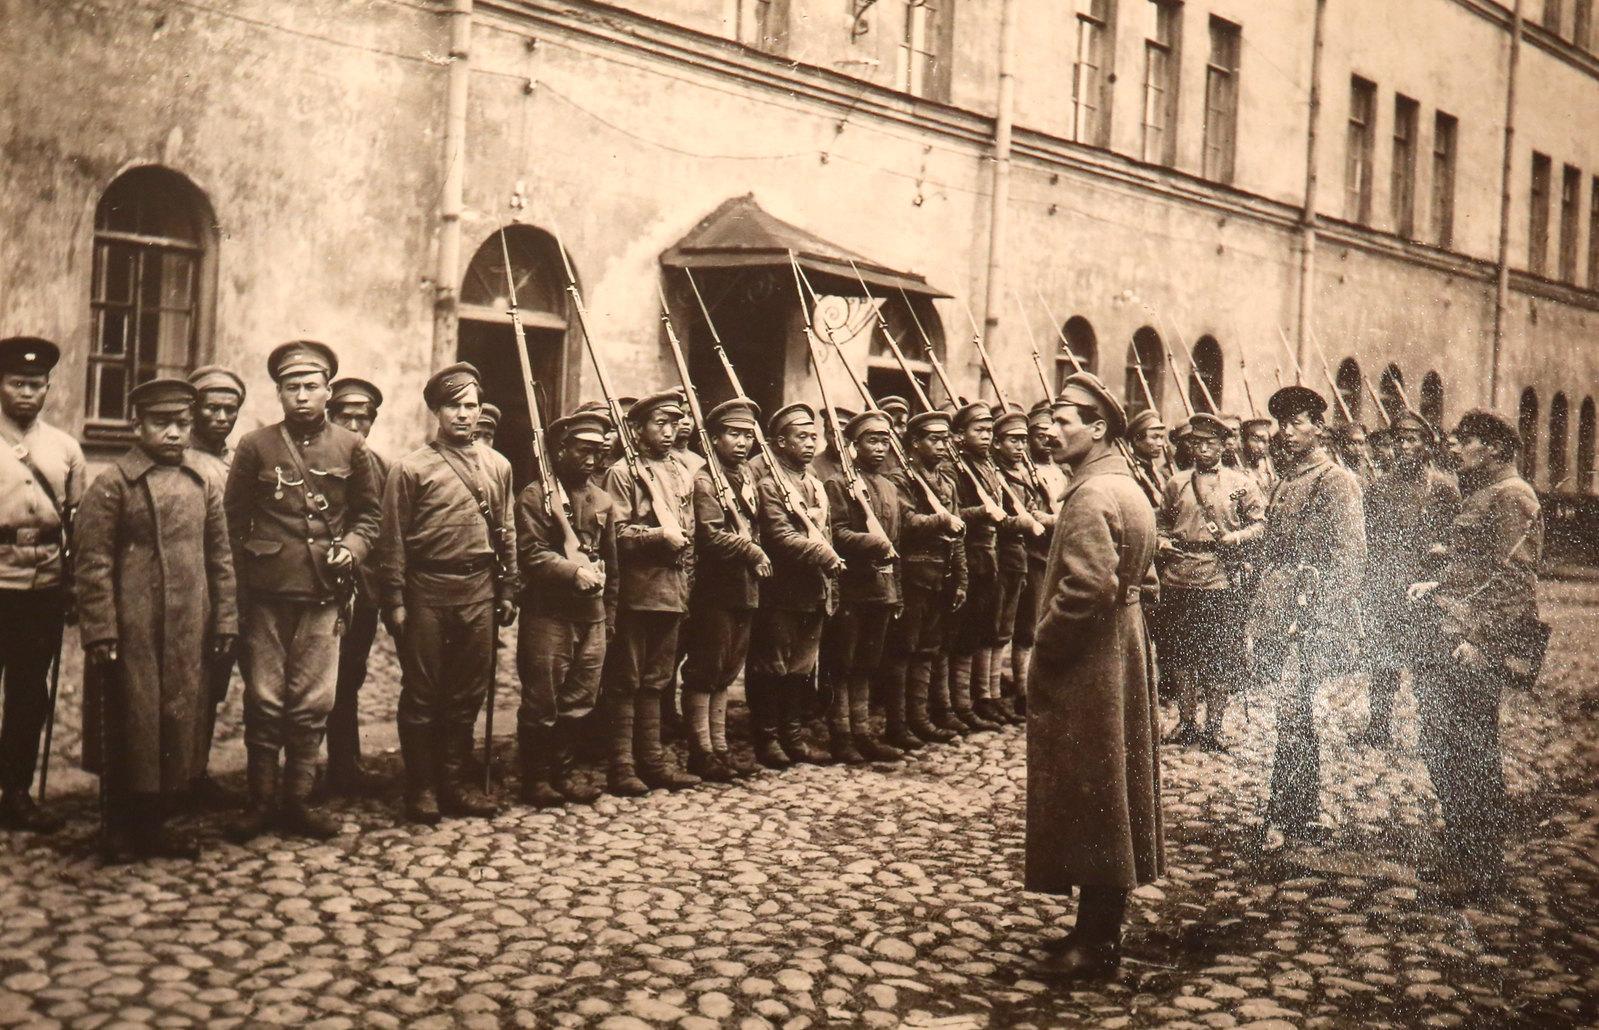 Первый интернациональный китайский отряд перед отправкой на ярославский фронт. Петроград, 1918 год